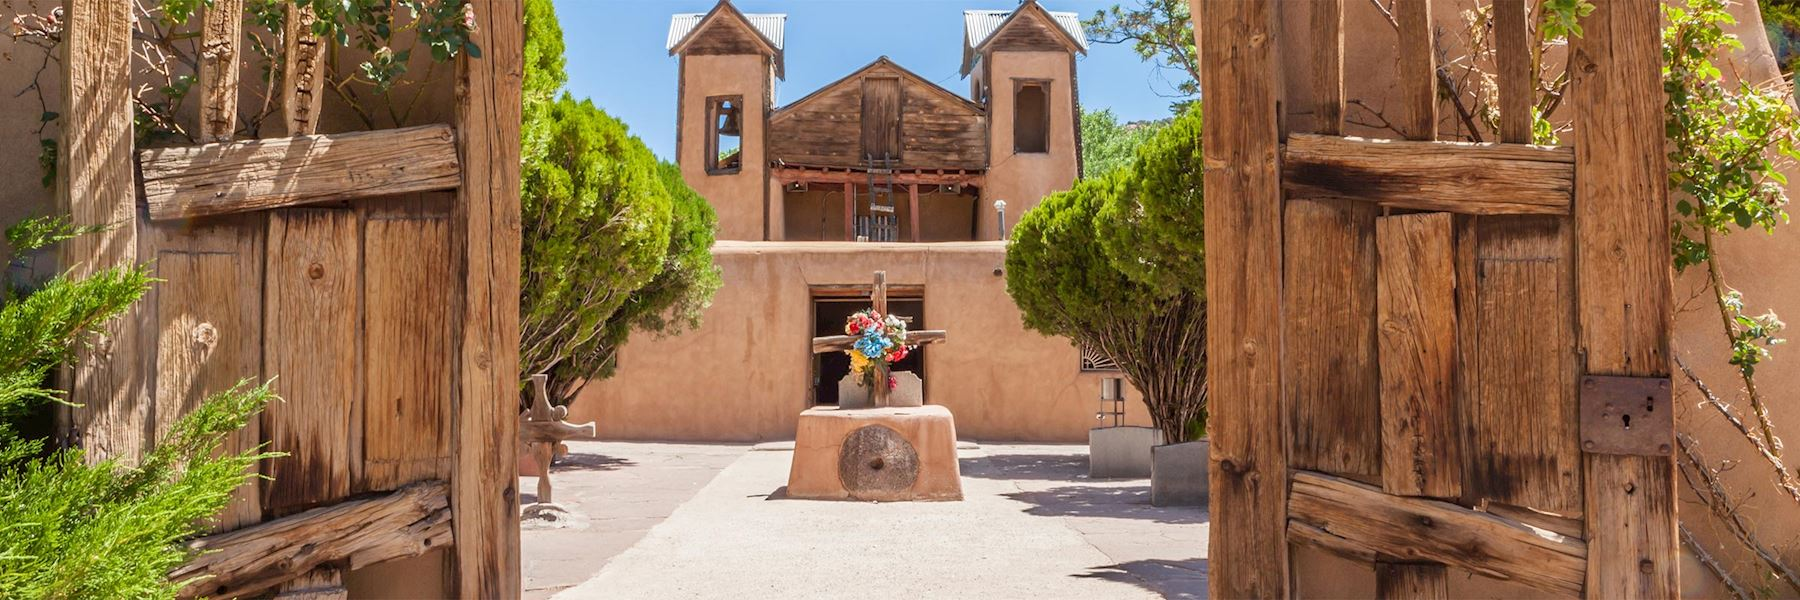 Visit Santa Fe, USA